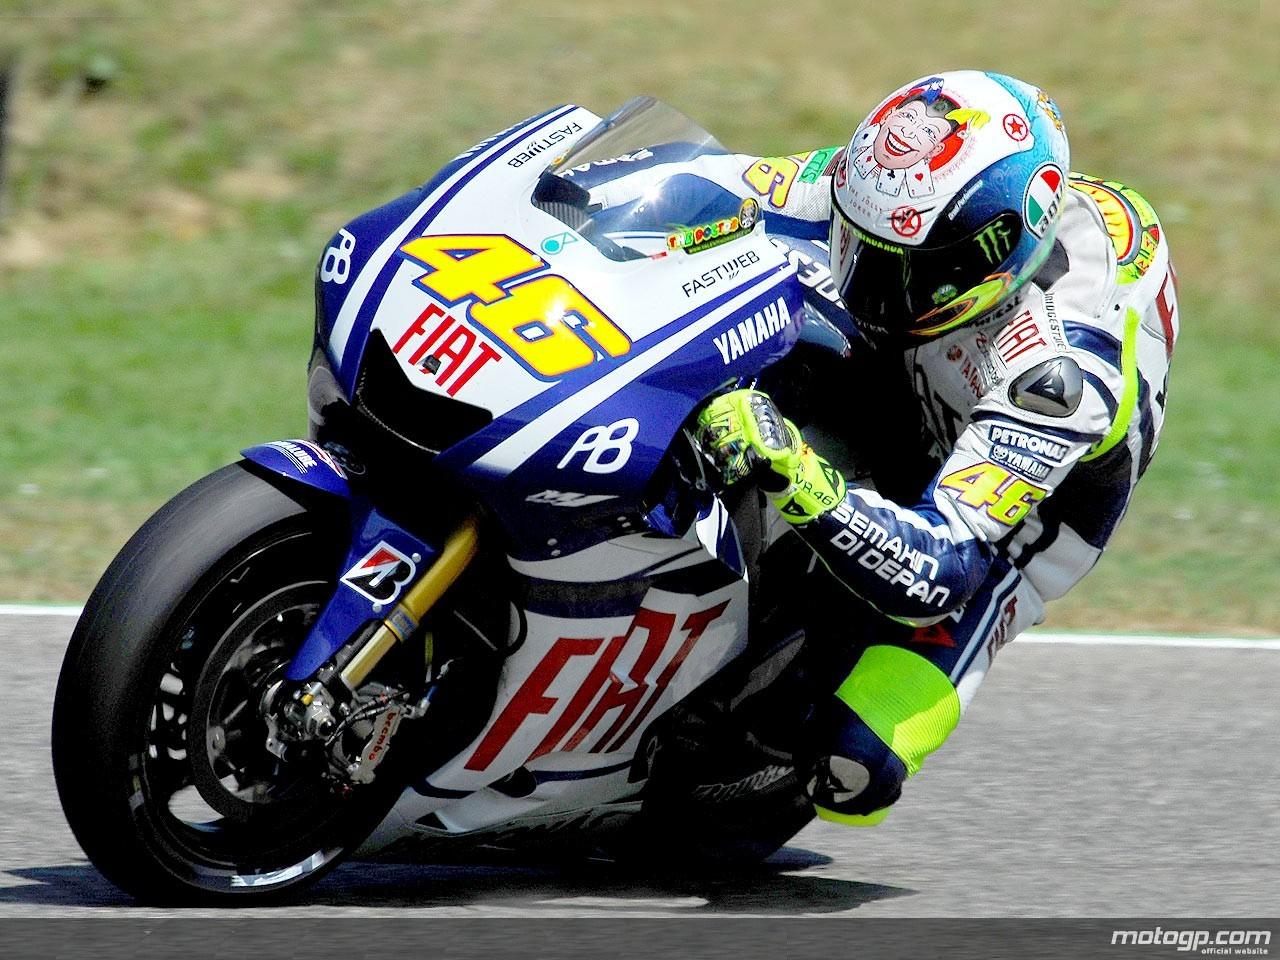 Valentino Rossi Wallpaper HD | Wallpup.com